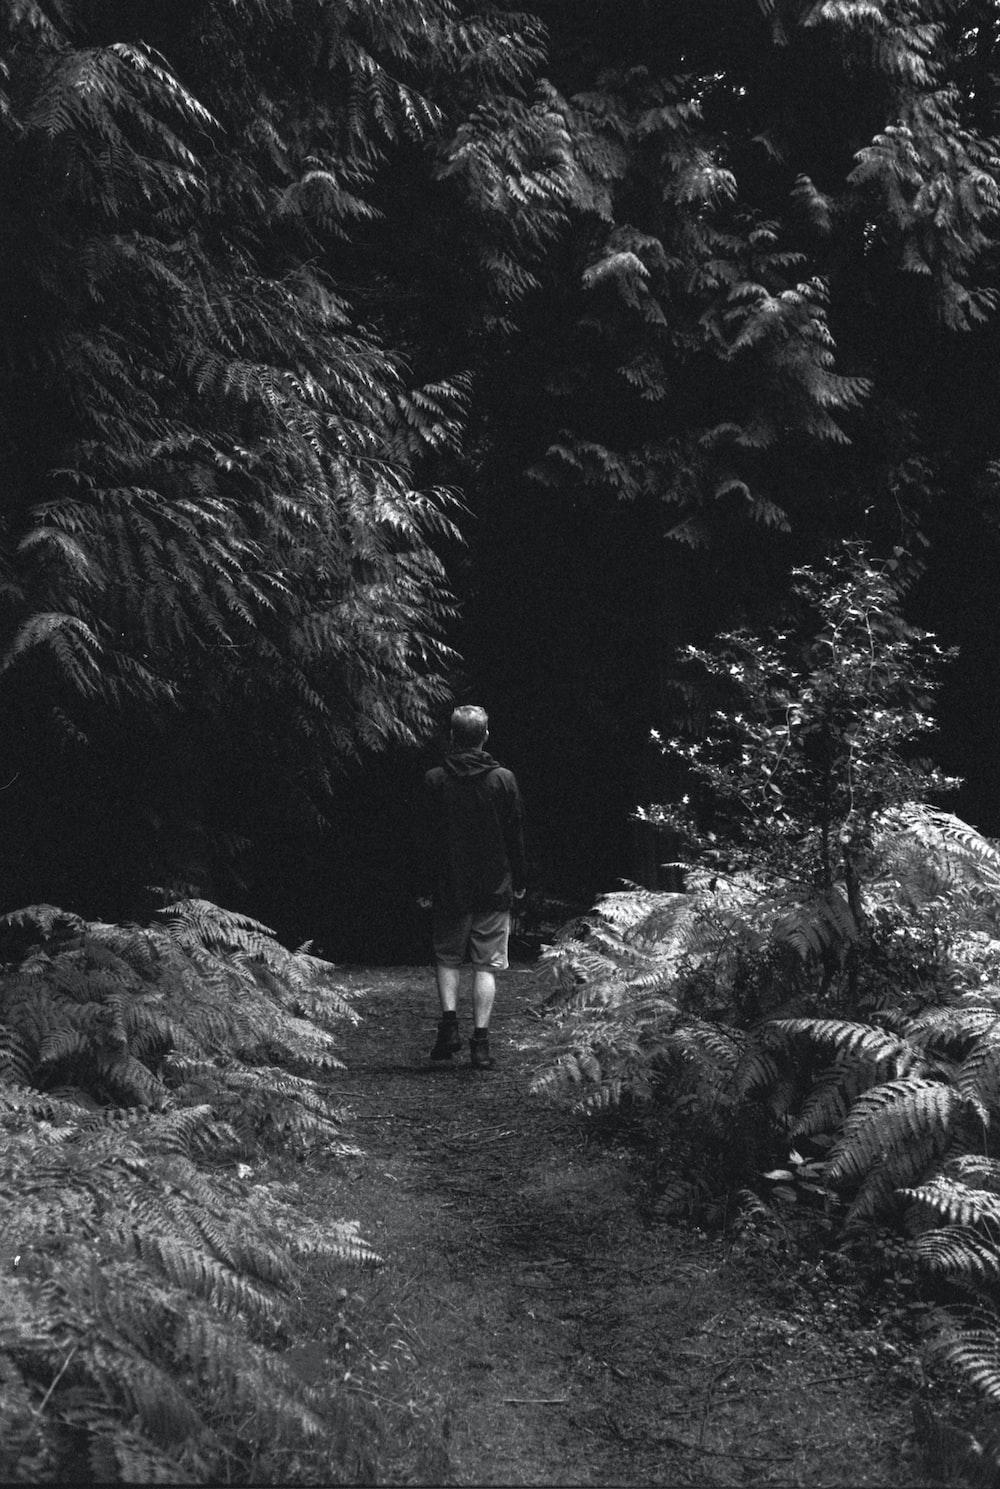 man walking on dirt road between plants